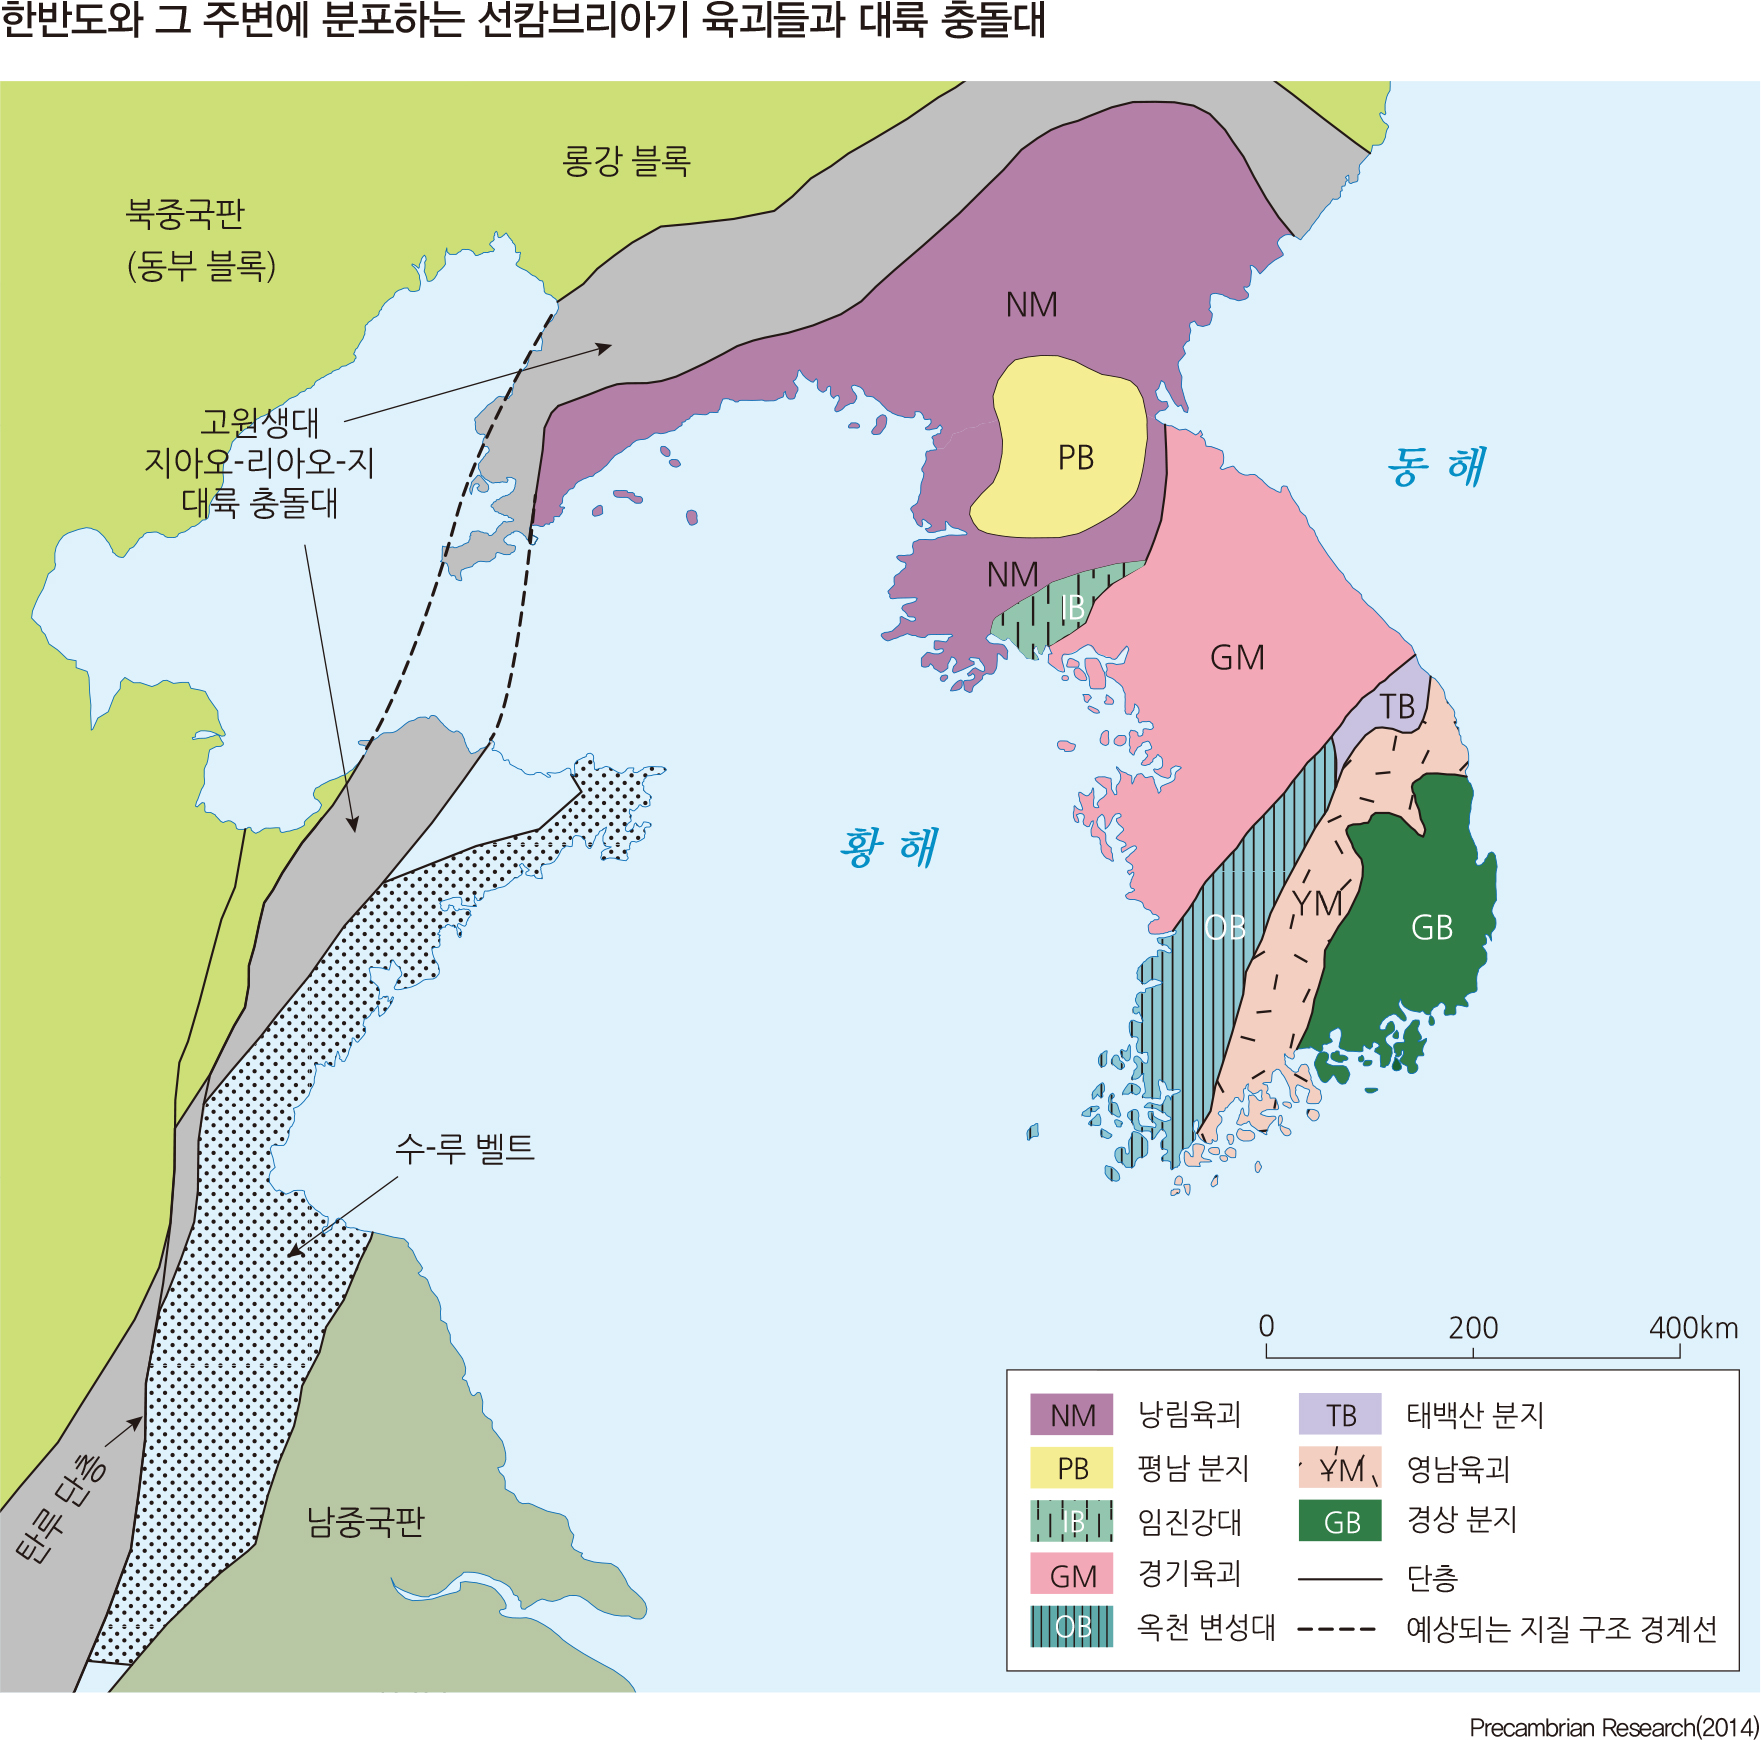 한반도와 그 주변에 분포하는 선캄브리아기 육괴들과 대륙 충돌대